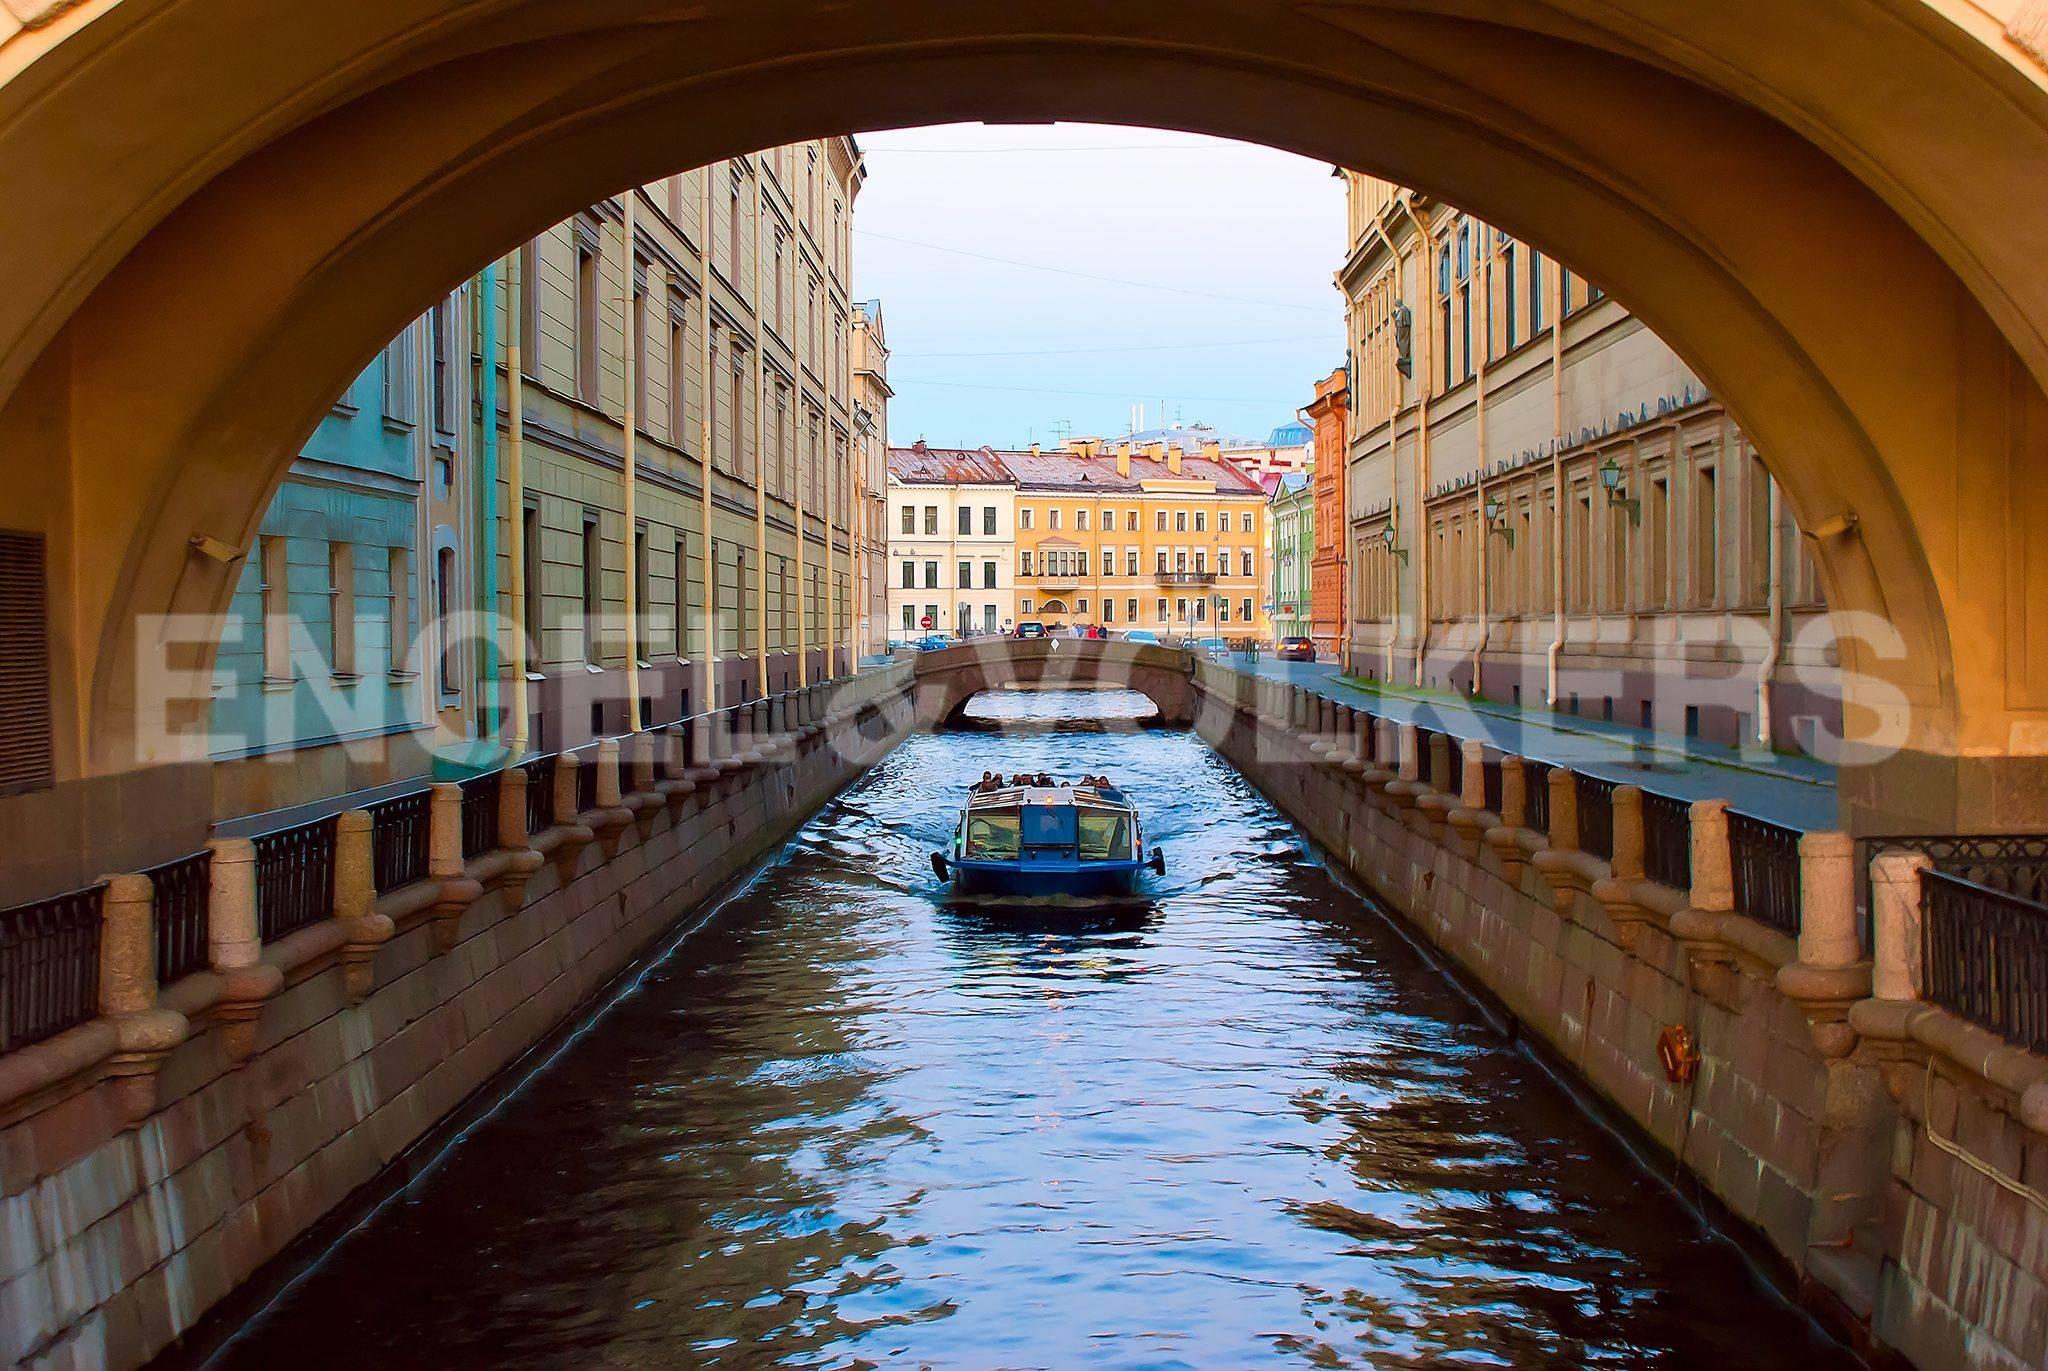 Элитные квартиры в Центральном районе. Санкт-Петербург, Большая Морская, 4. Зимняя канавка